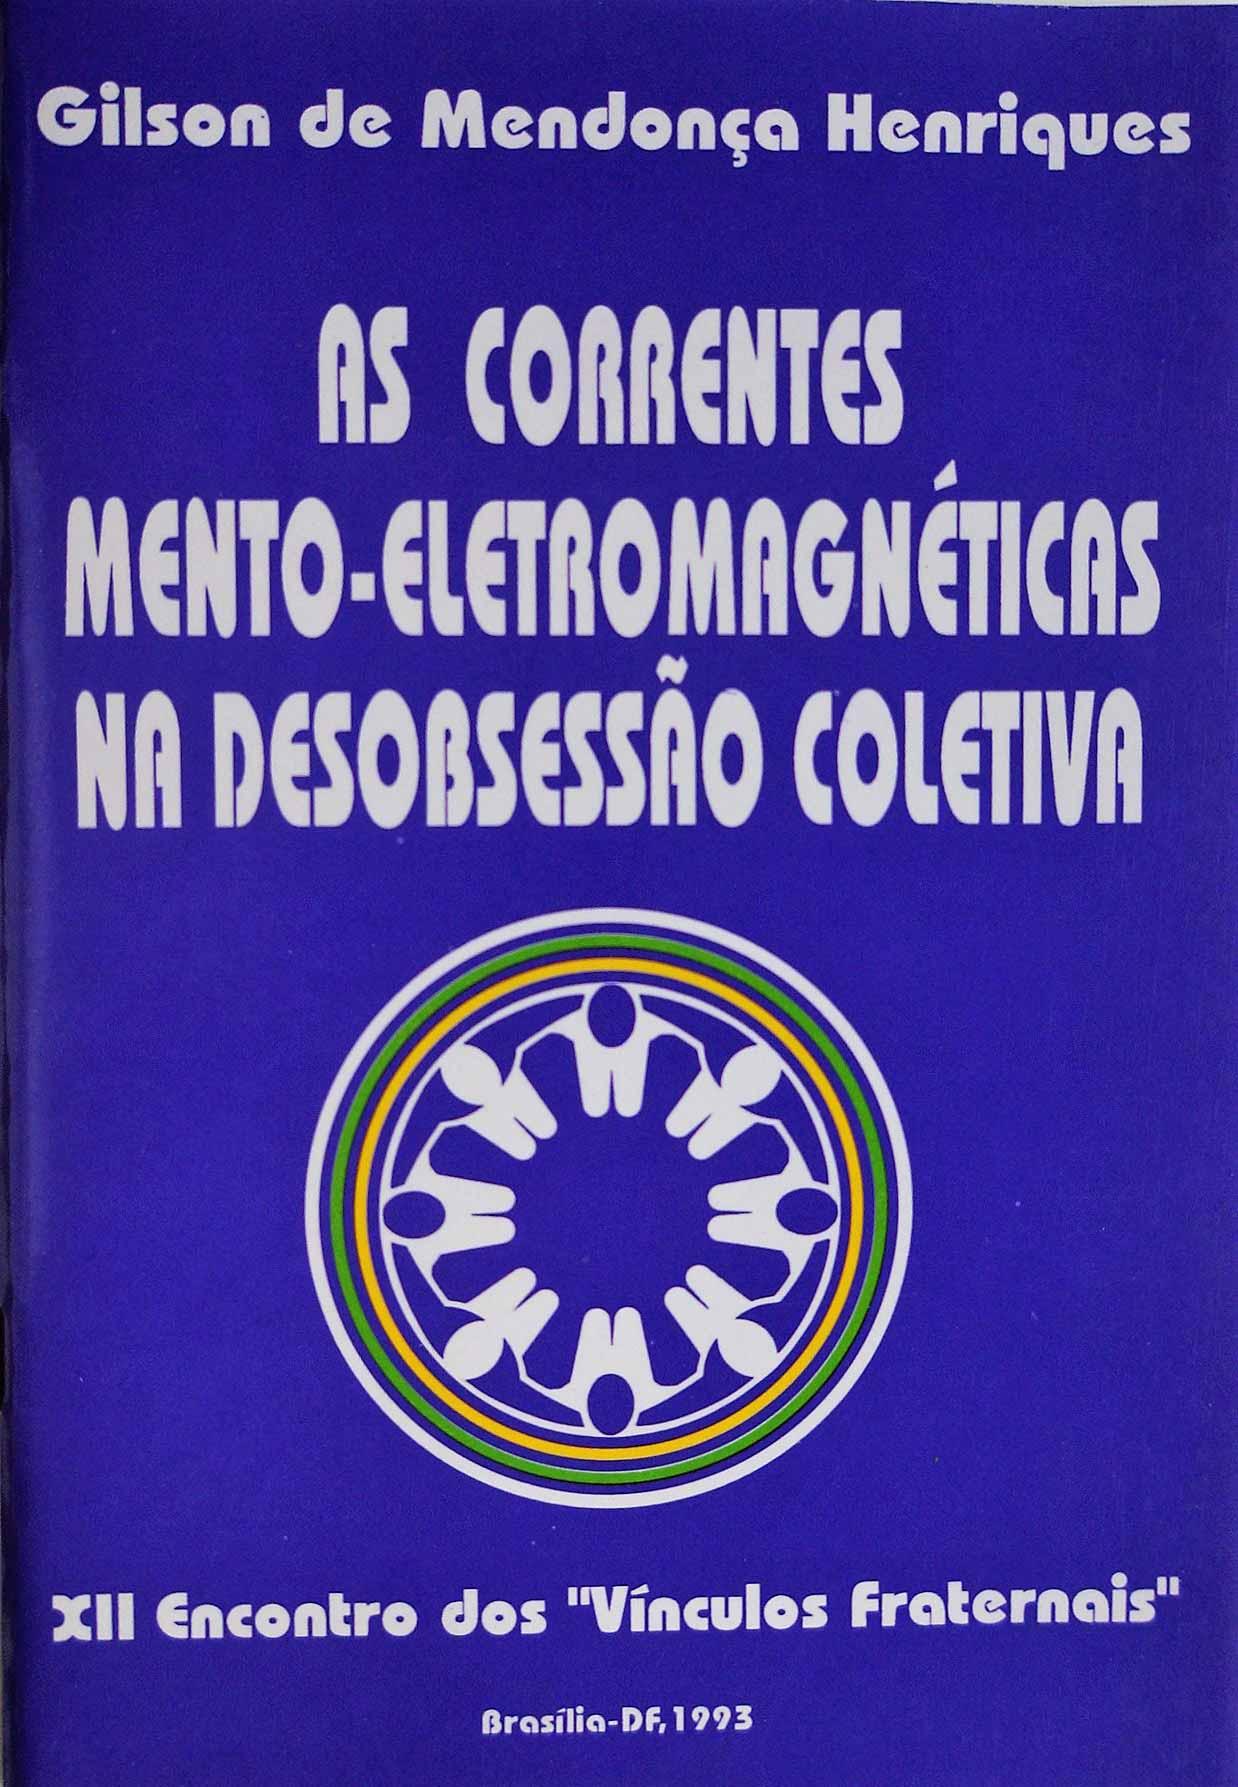 AS CORRENTES MENTO-ELETROMAGNÉTICAS NA DESOBSESSÃO COLETIVA